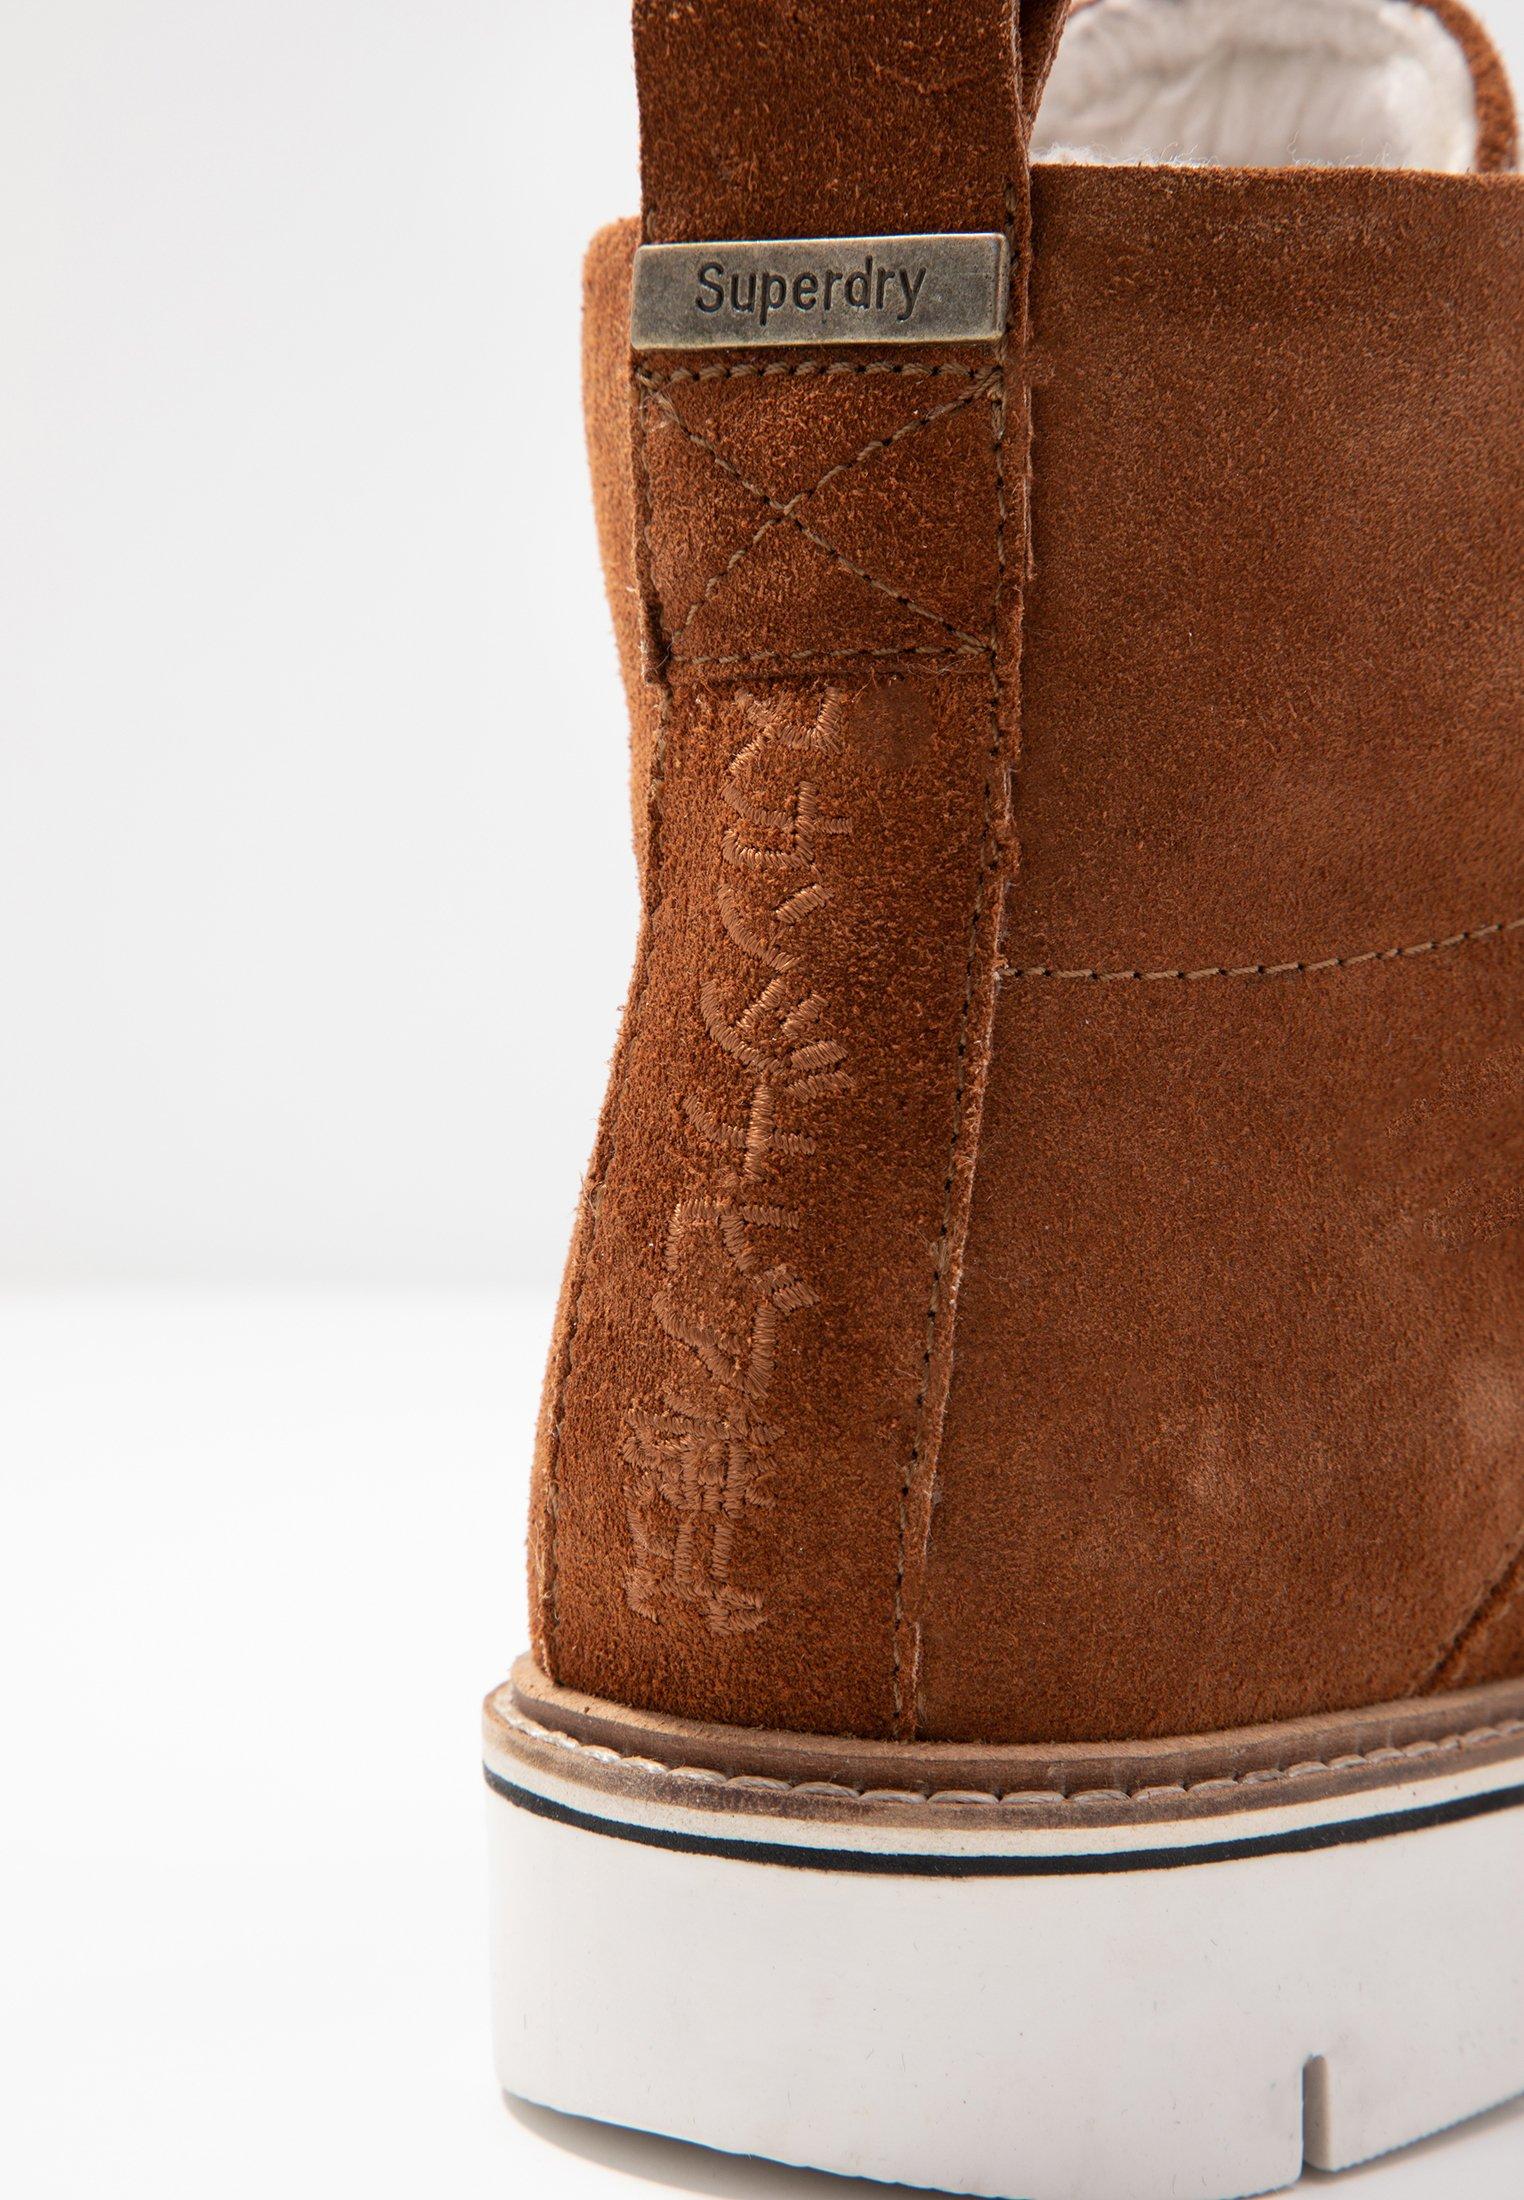 Superdry STUDIO HIKER  Ankle Boot caramel café/camel